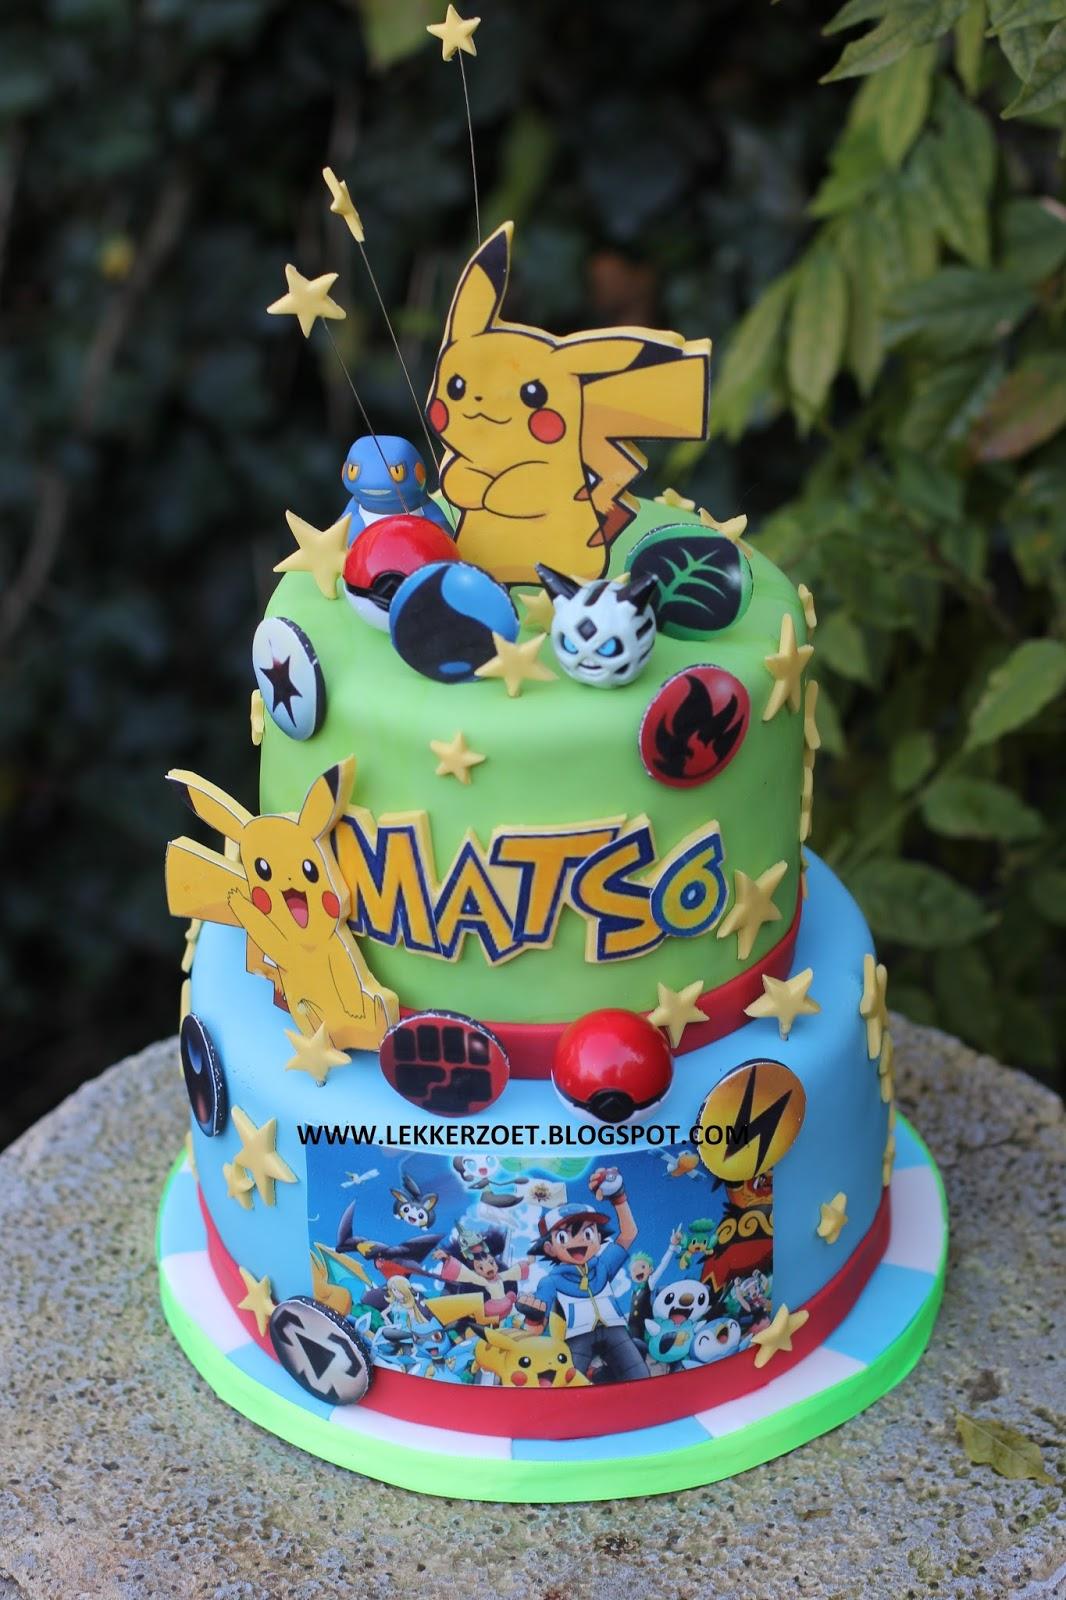 pokemon taart lekker zoet: Pokémon taart voor Mats 6 jaar pokemon taart